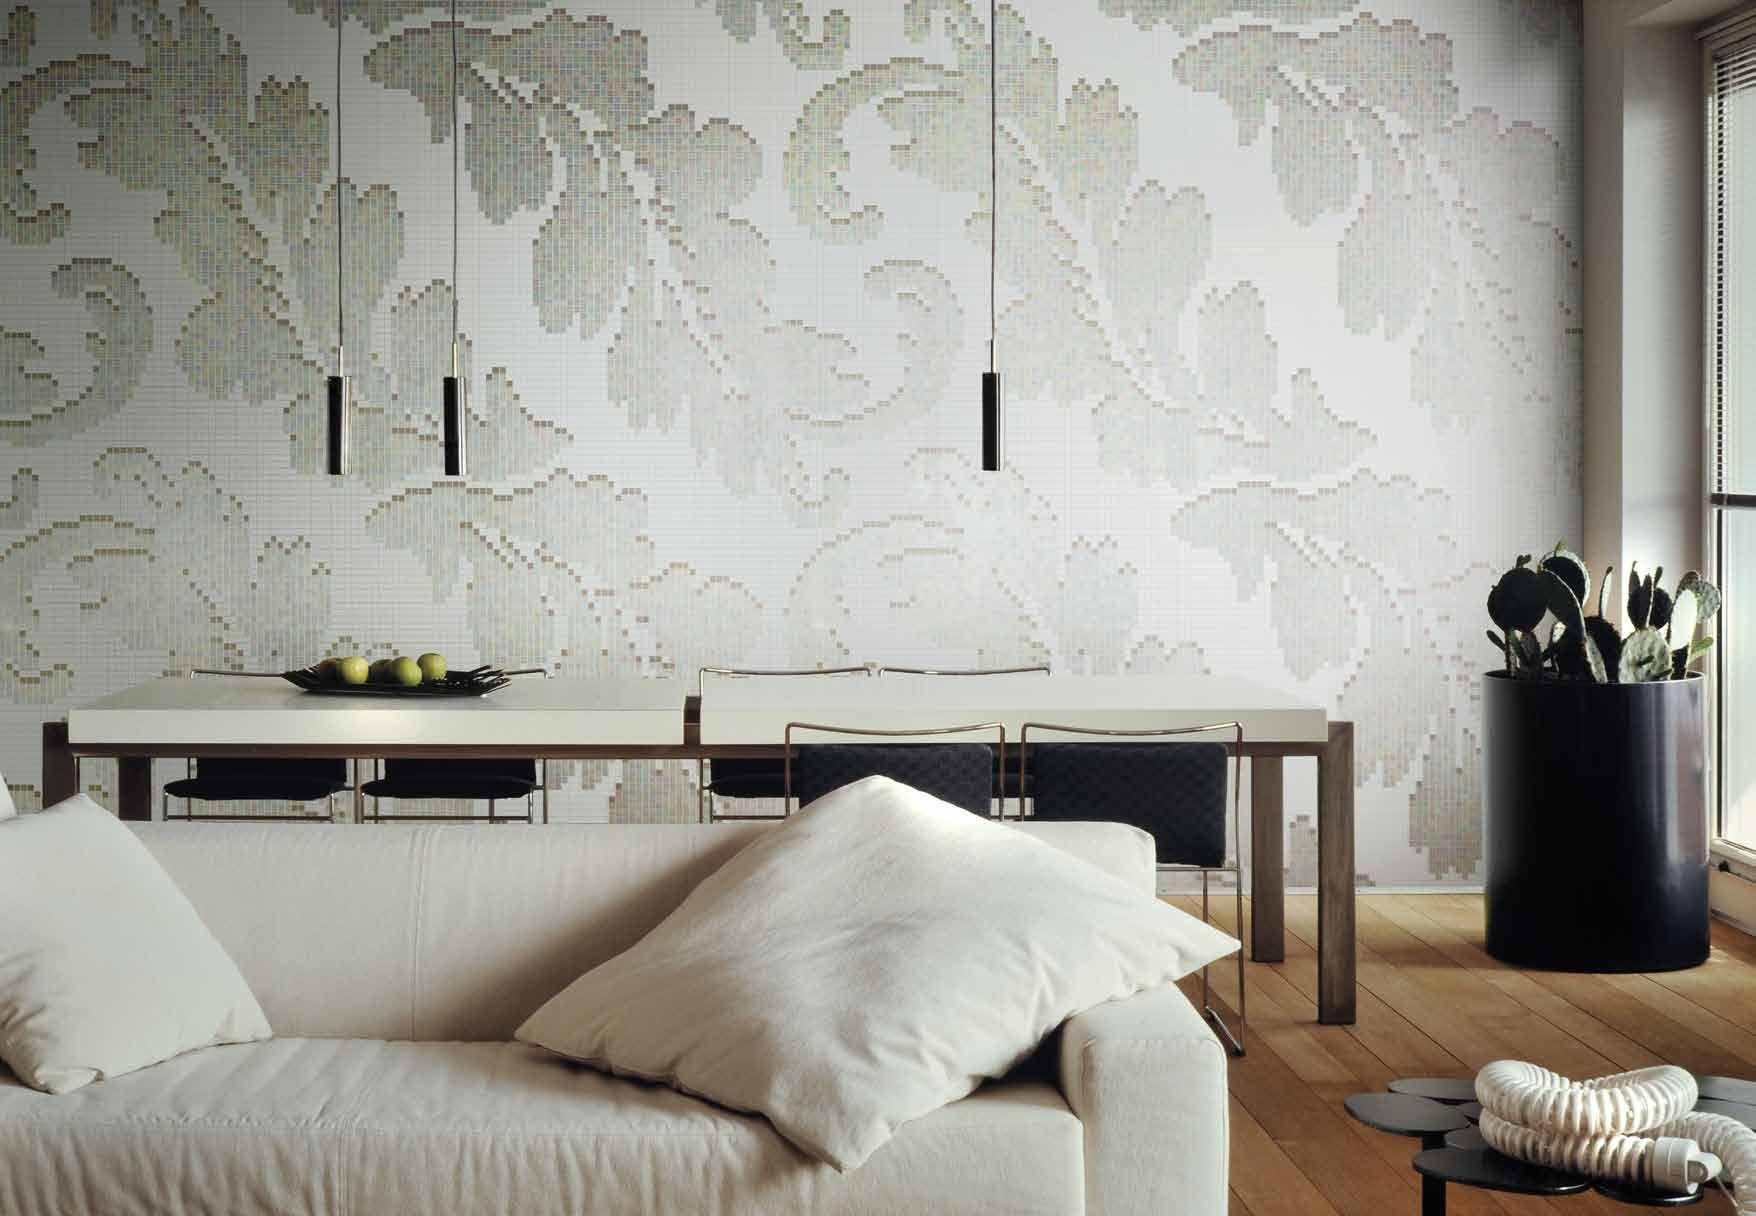 Bisazza #decori 2x2 cm ardassa ivory #gres su #casaebagno.it a